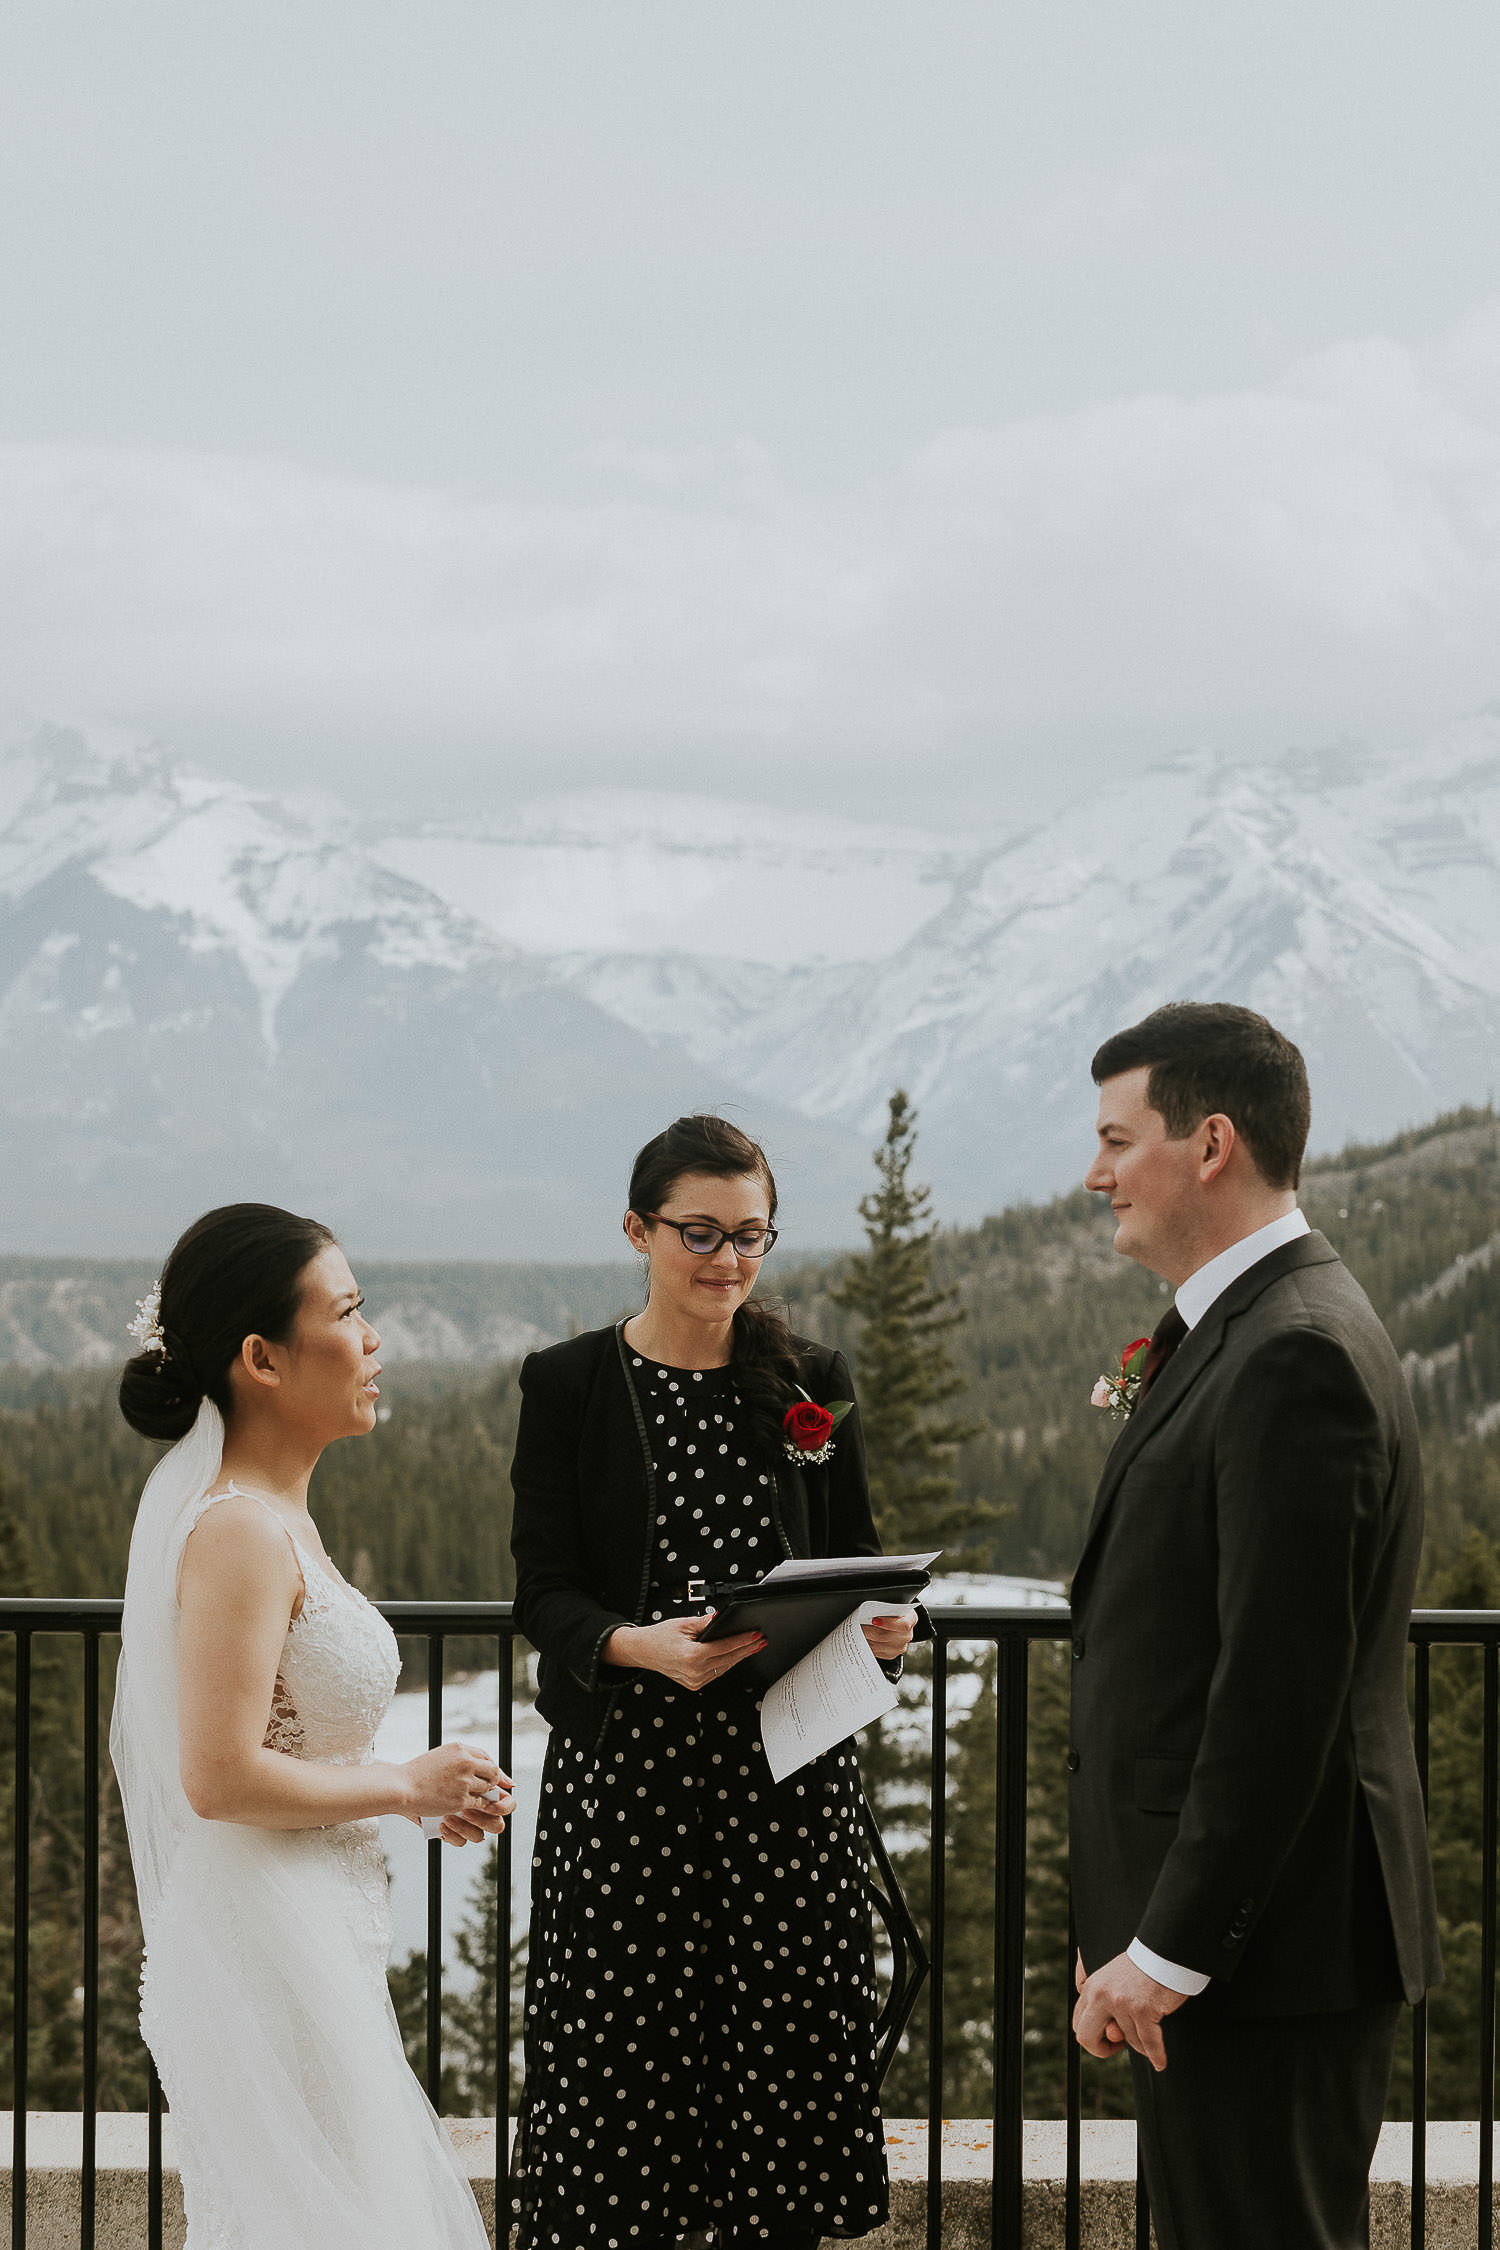 intimate-wedding-at-banff-springs-hotel-sarah-pukin-0088